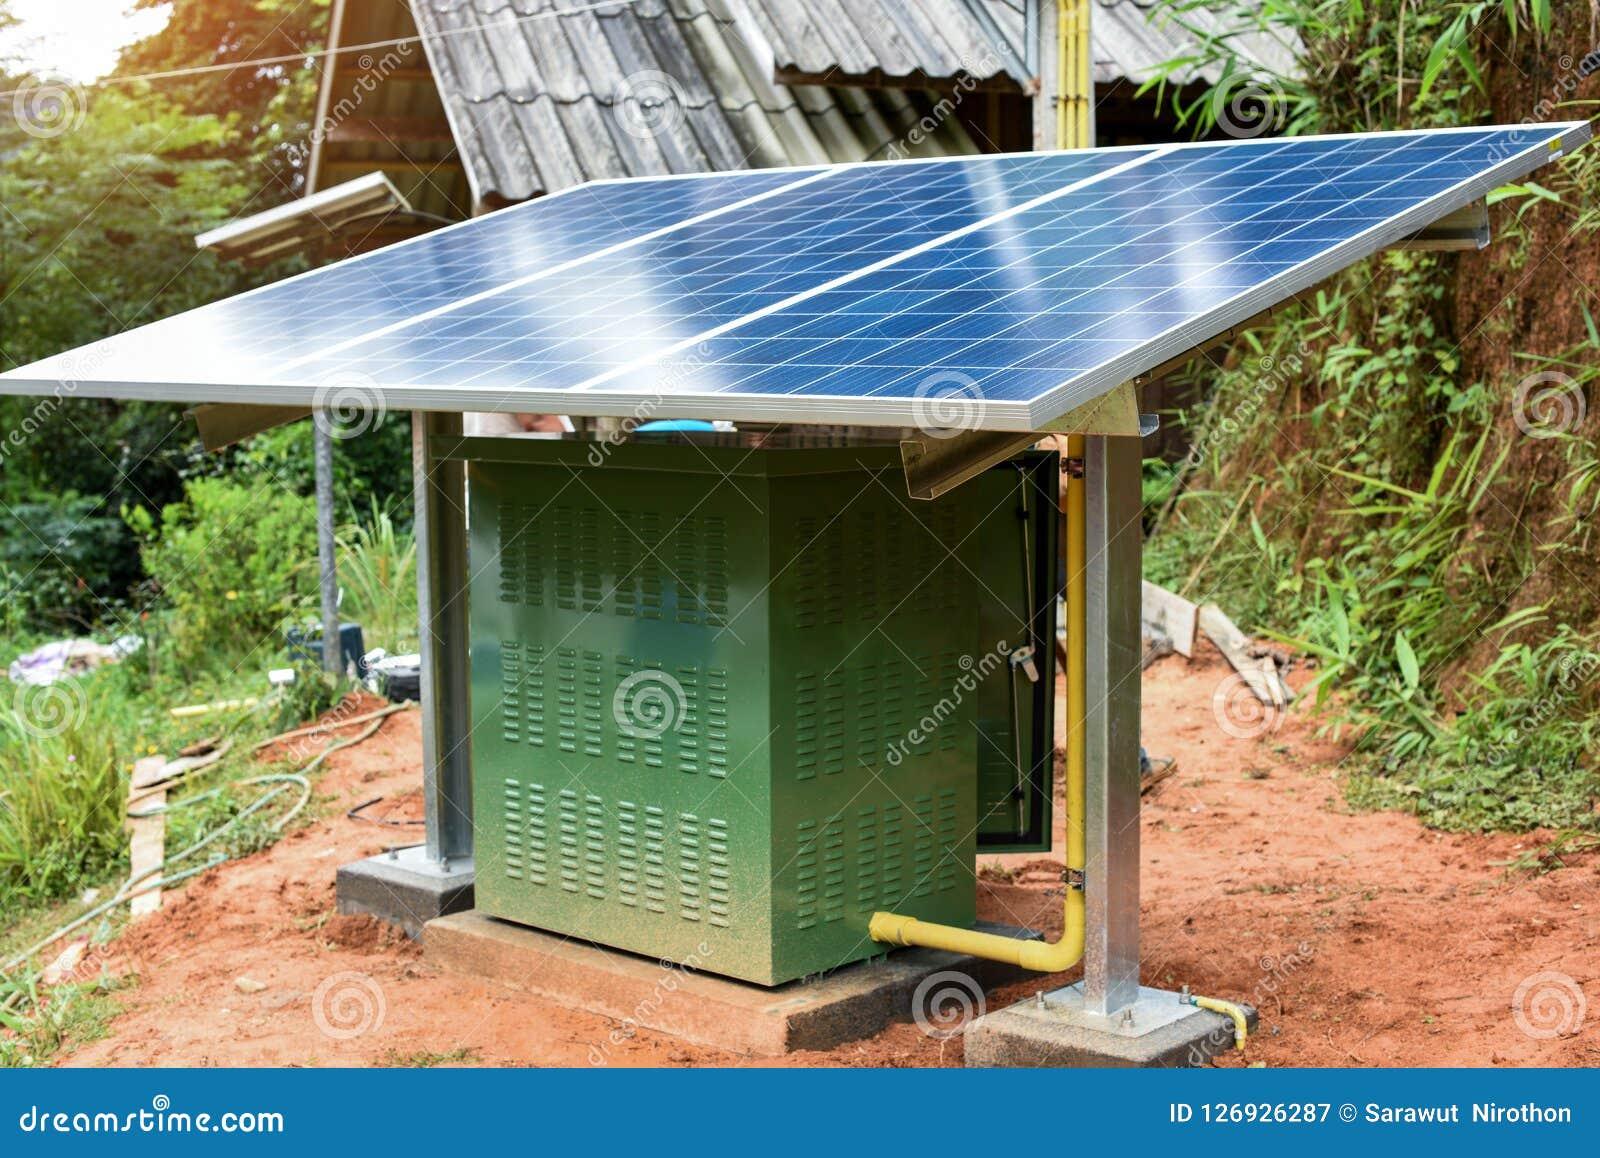 Εγκαταστήστε το μικρό σύστημα ηλιακών κυττάρων